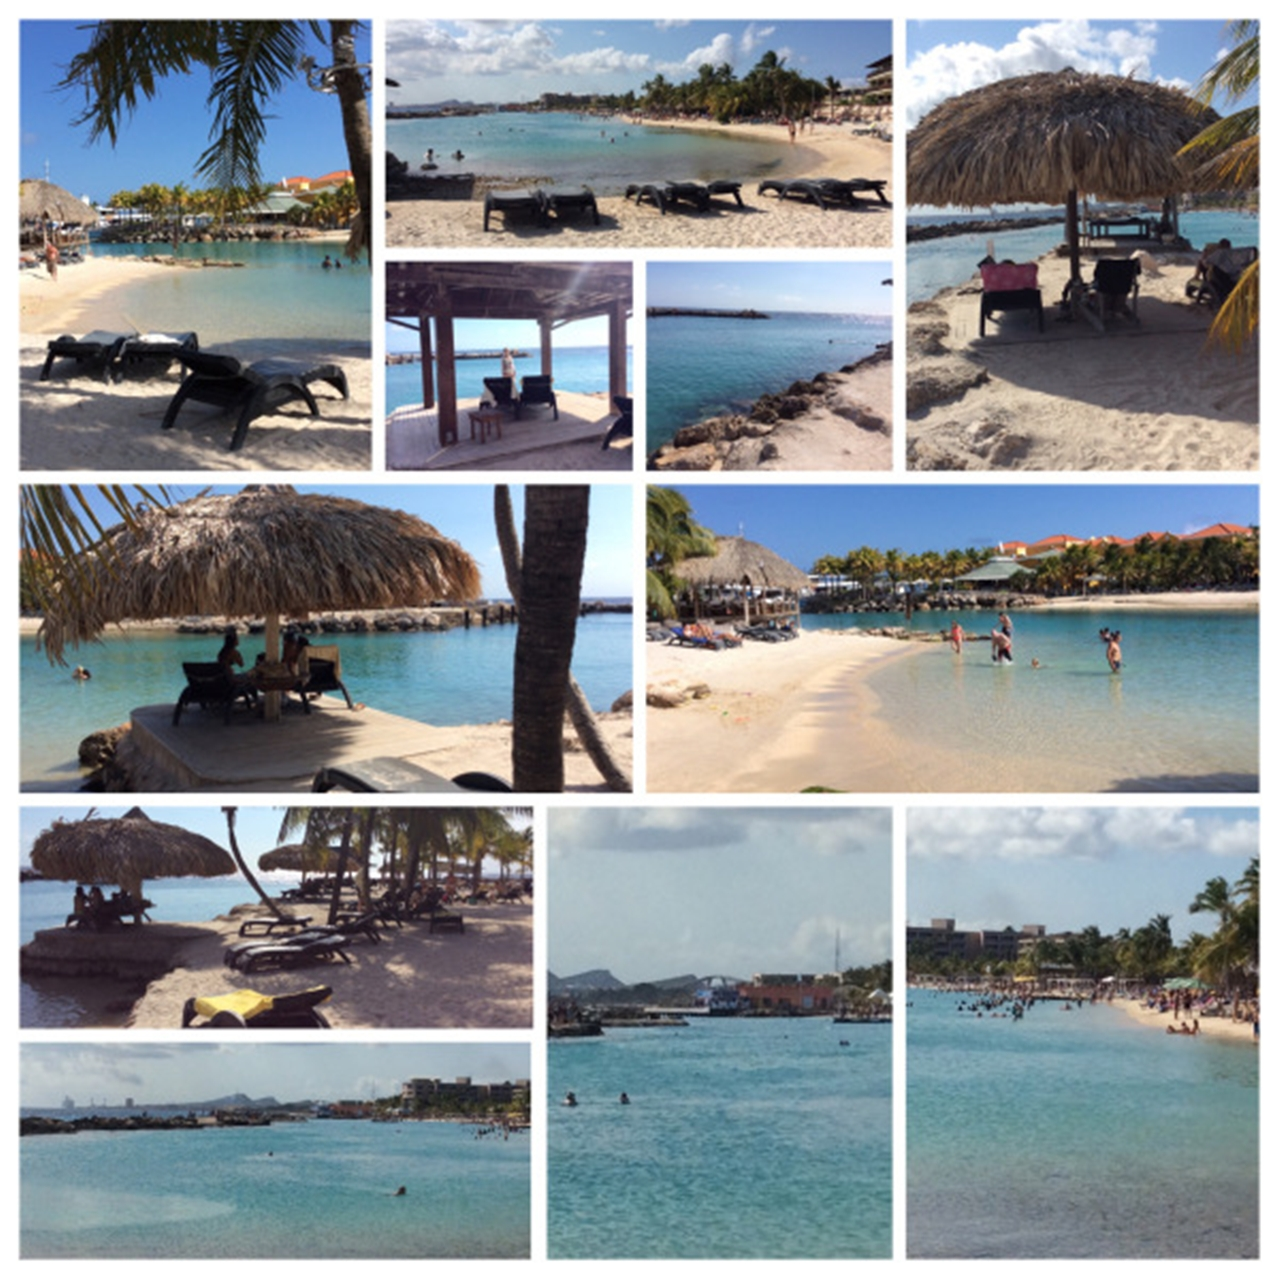 Curacao Praia Mambo Beach